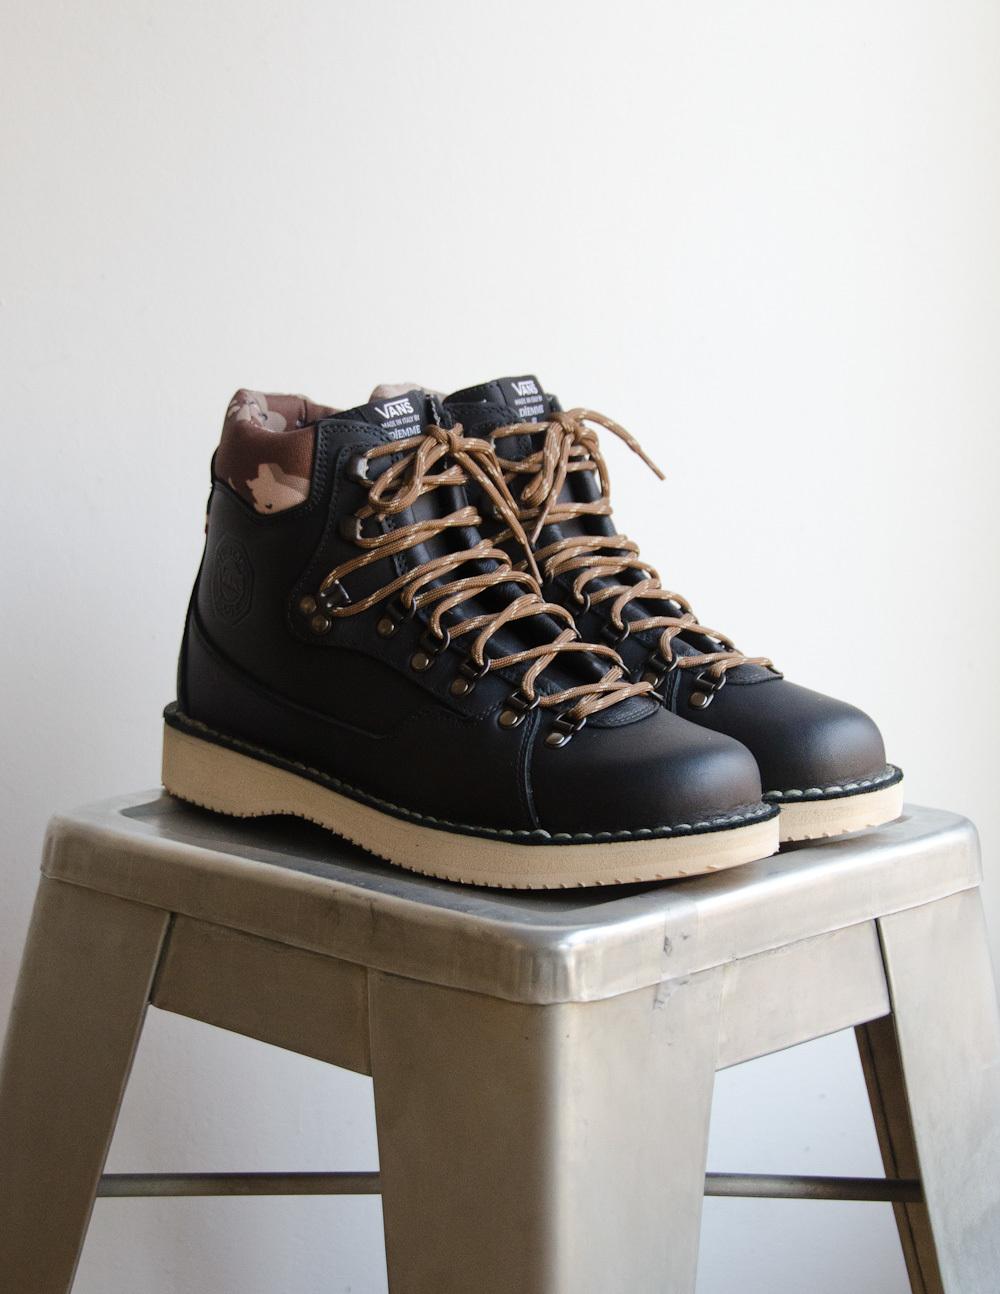 Vans Vault x Diemme – Montebelluna Hiker LX in Black